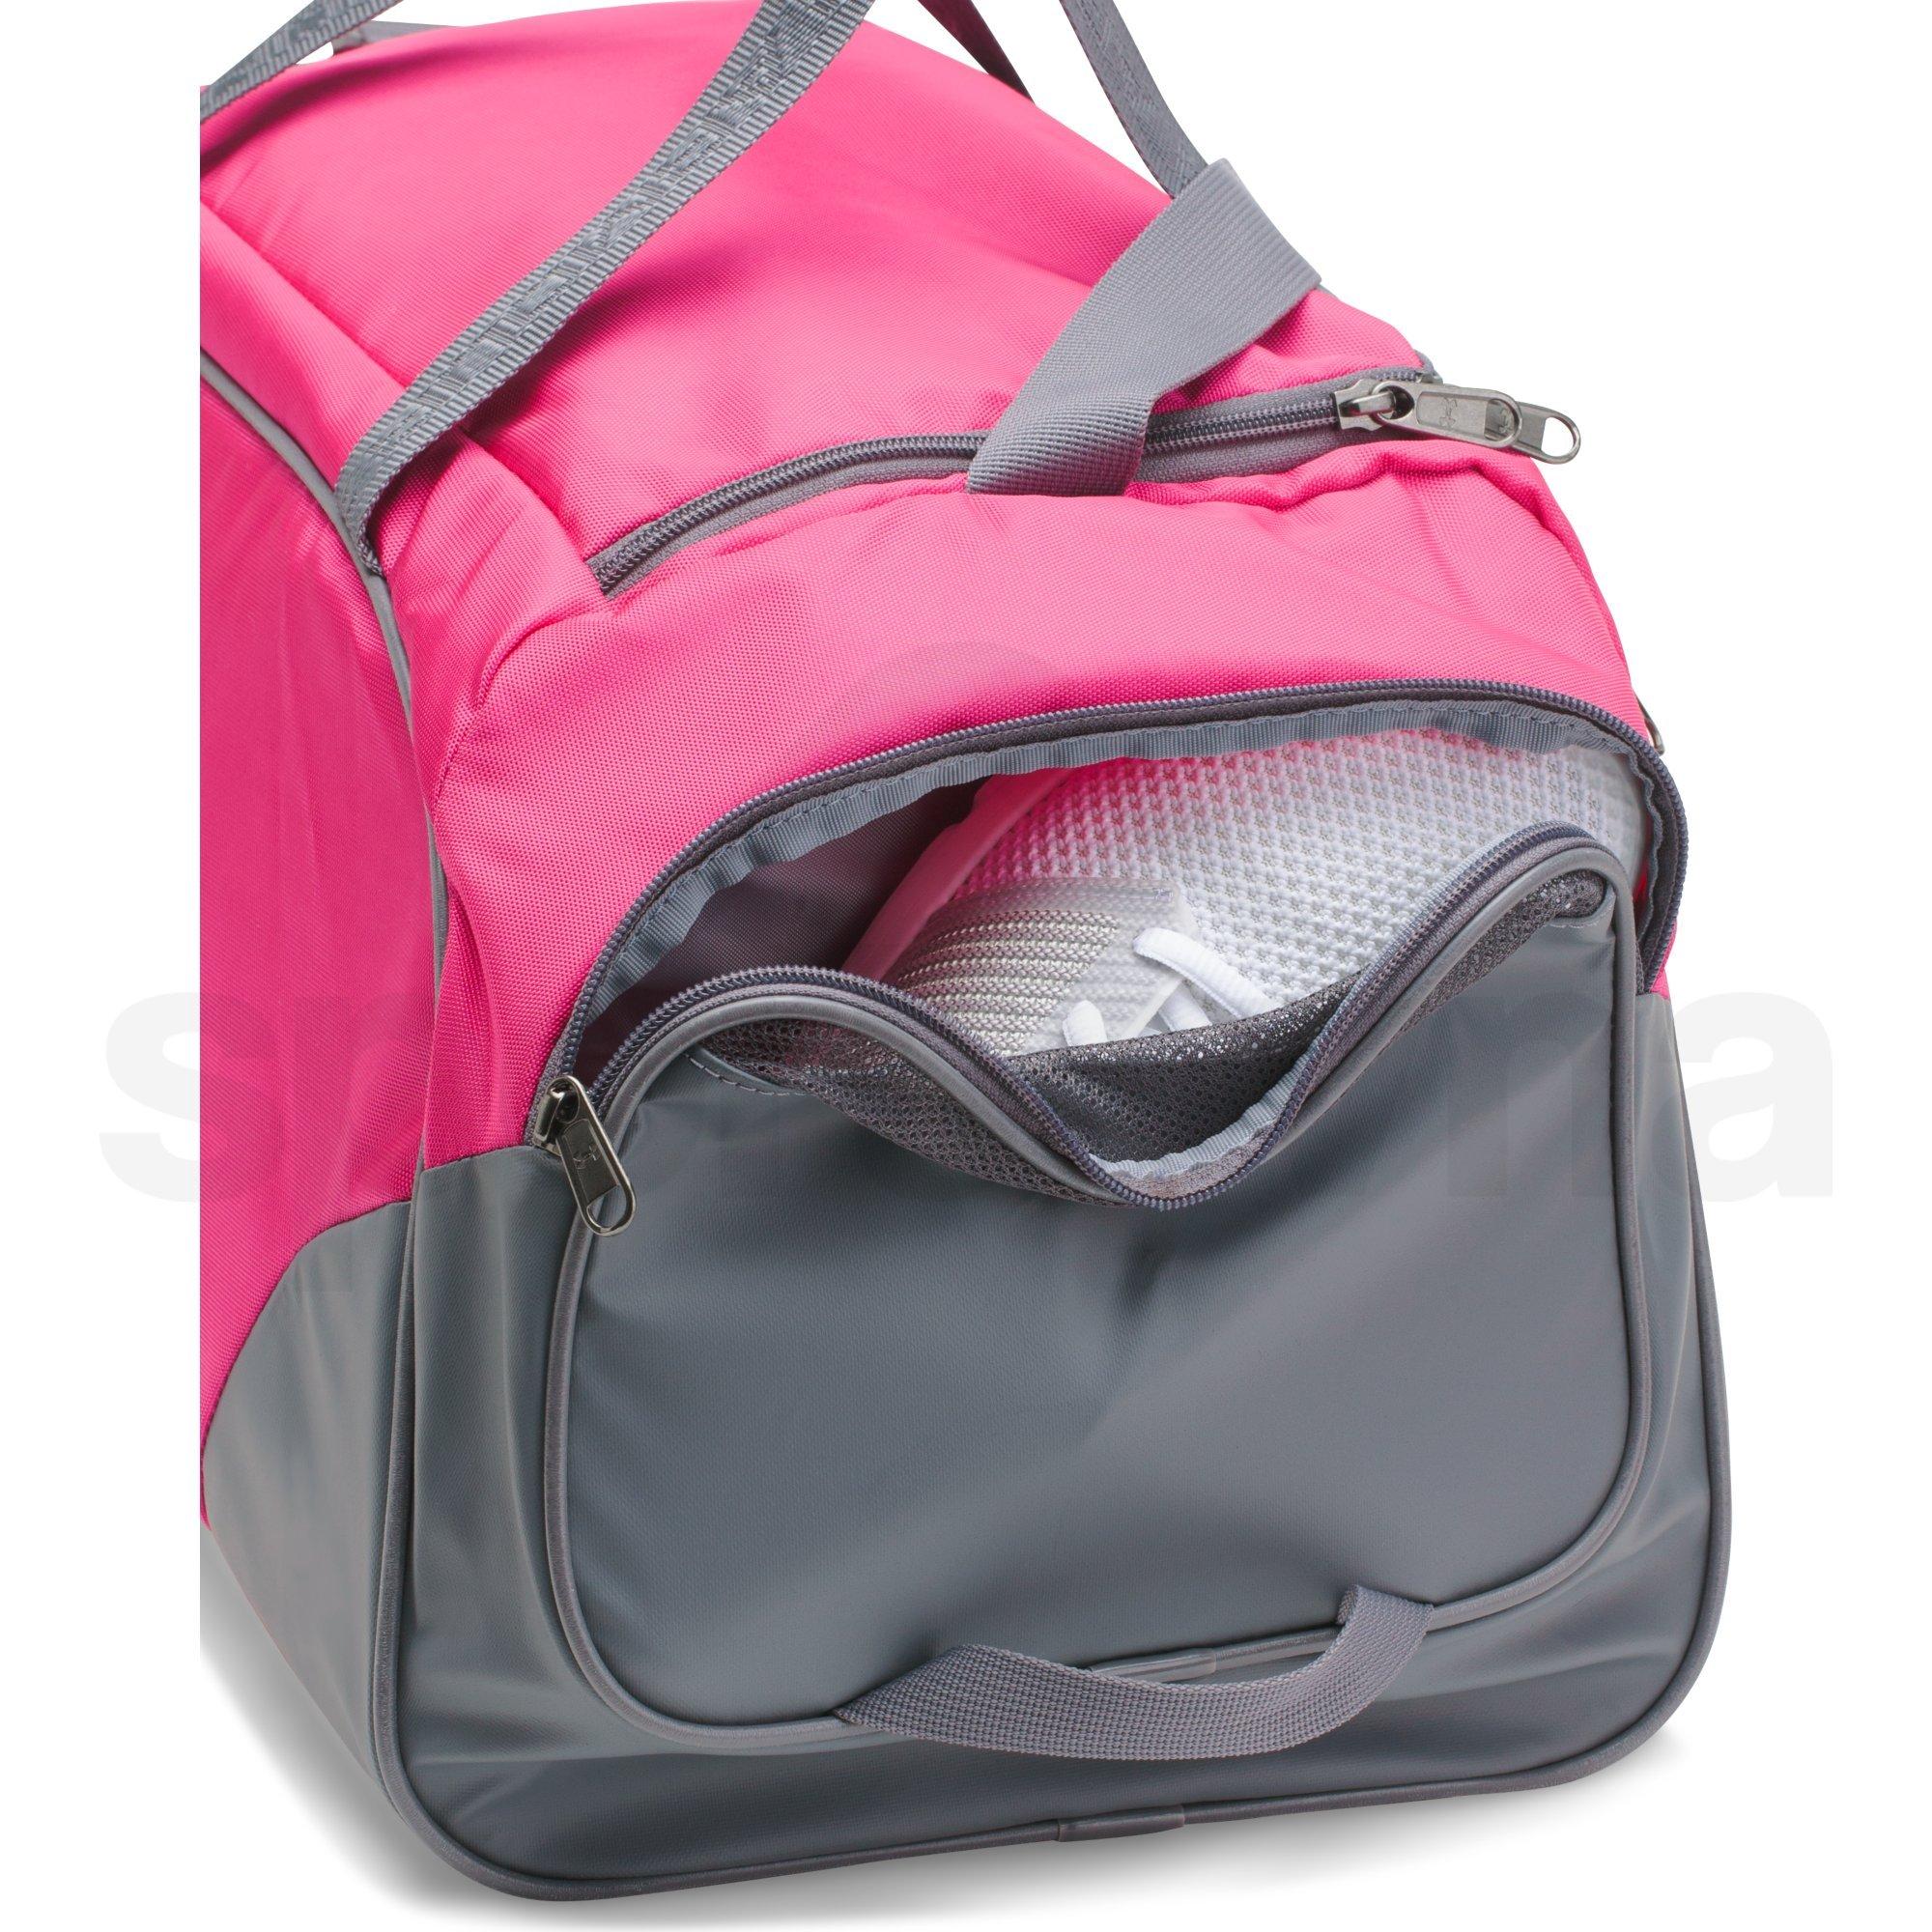 87e7186cd8be Sportovní taška Under Armour Duffle 3.0 MD - PNK - 1300213-654 ...